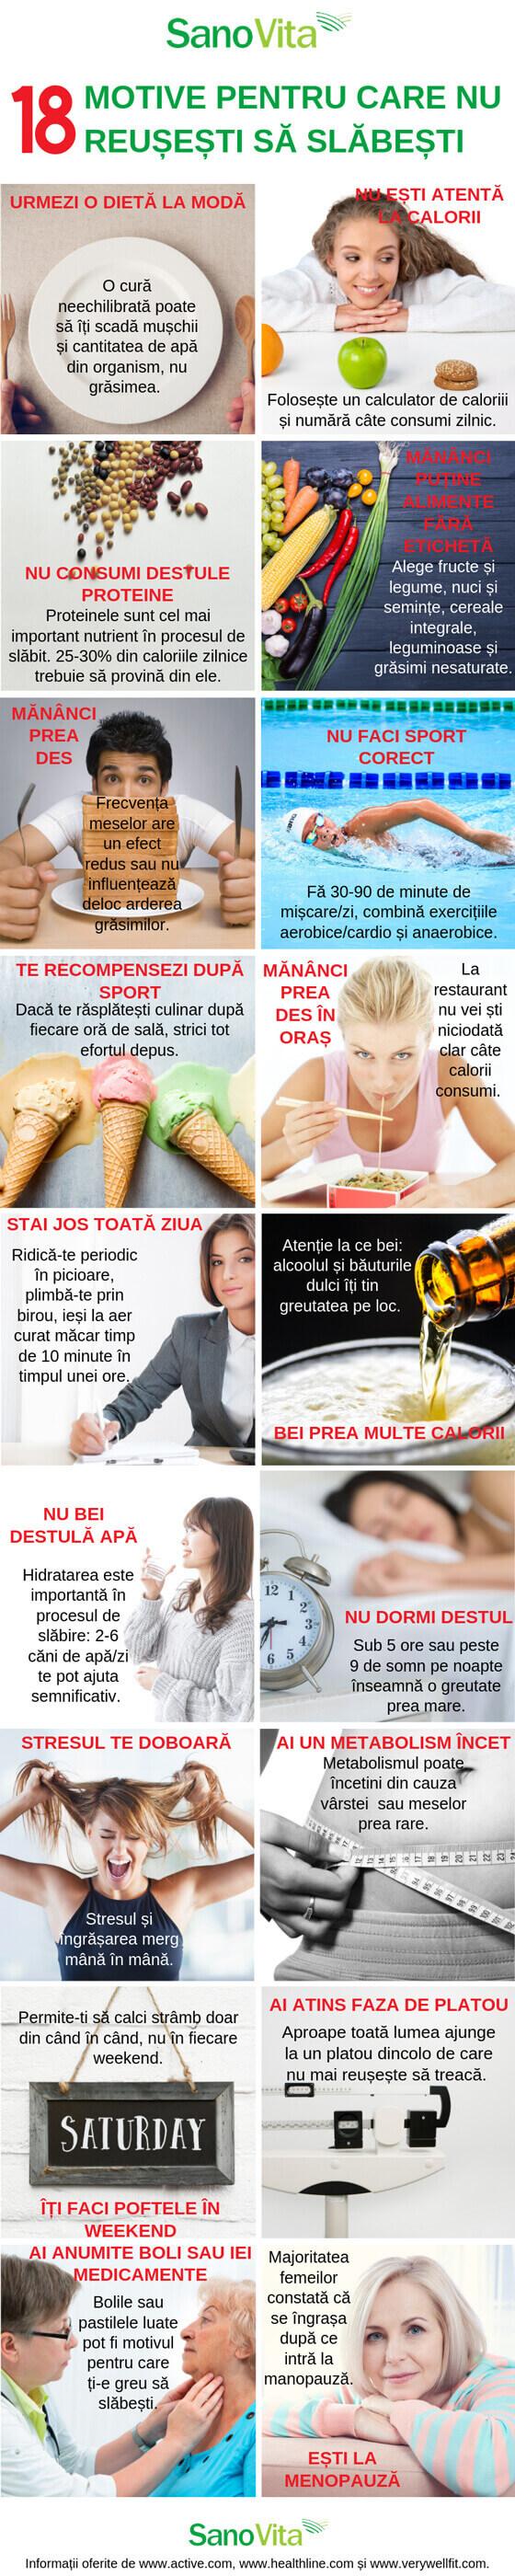 pierderea de inci mai mult decât pierderea în greutate slim jos cu sara